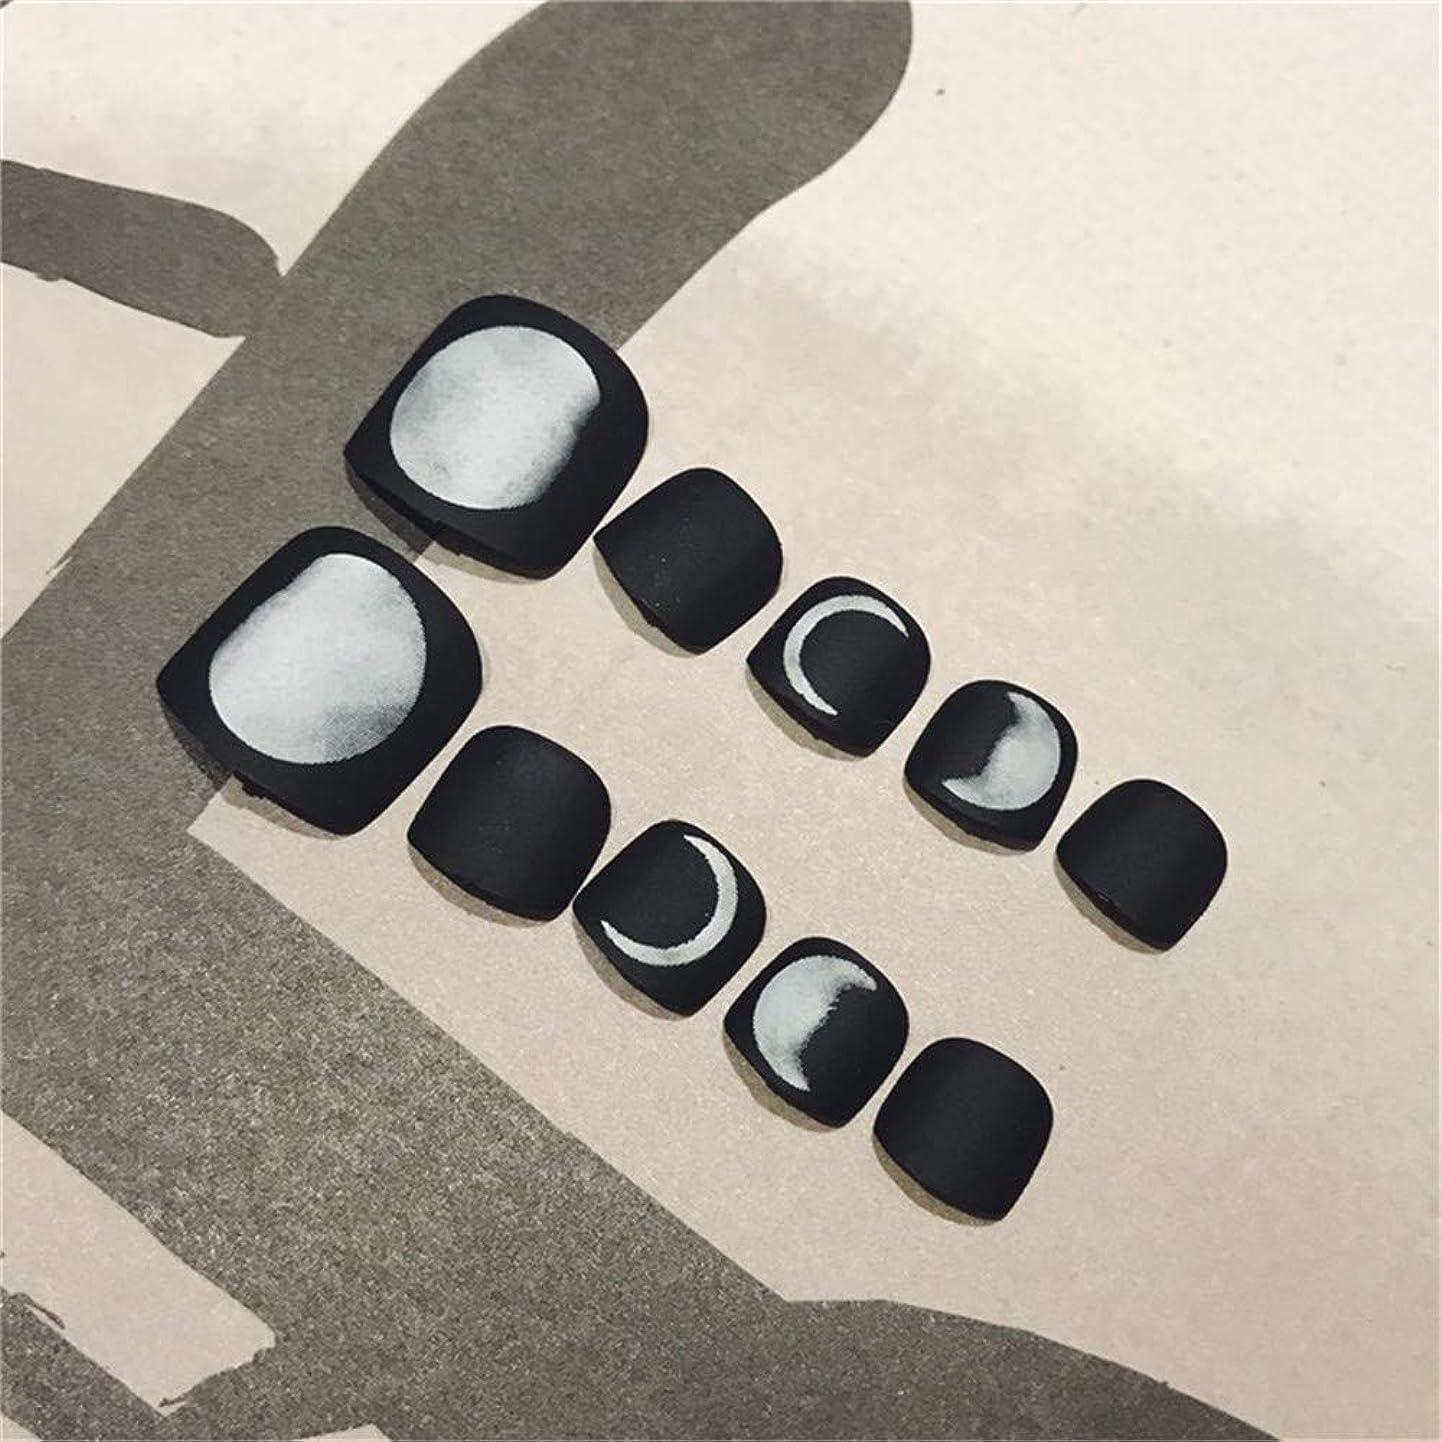 ネクタイ強調するキャラバンBloomingBoom 24枚 セッ12別サイズ ト 手作りネイルチップ 足用 ショート 3D デコレーション ネイルジュエリー つけ爪 グラデーション 24枚入 フルチップ シンプル 両面接着テープ付き 結婚式、パーティー、二次会などにムーンフェイズムーンライトブラックホワイトマット